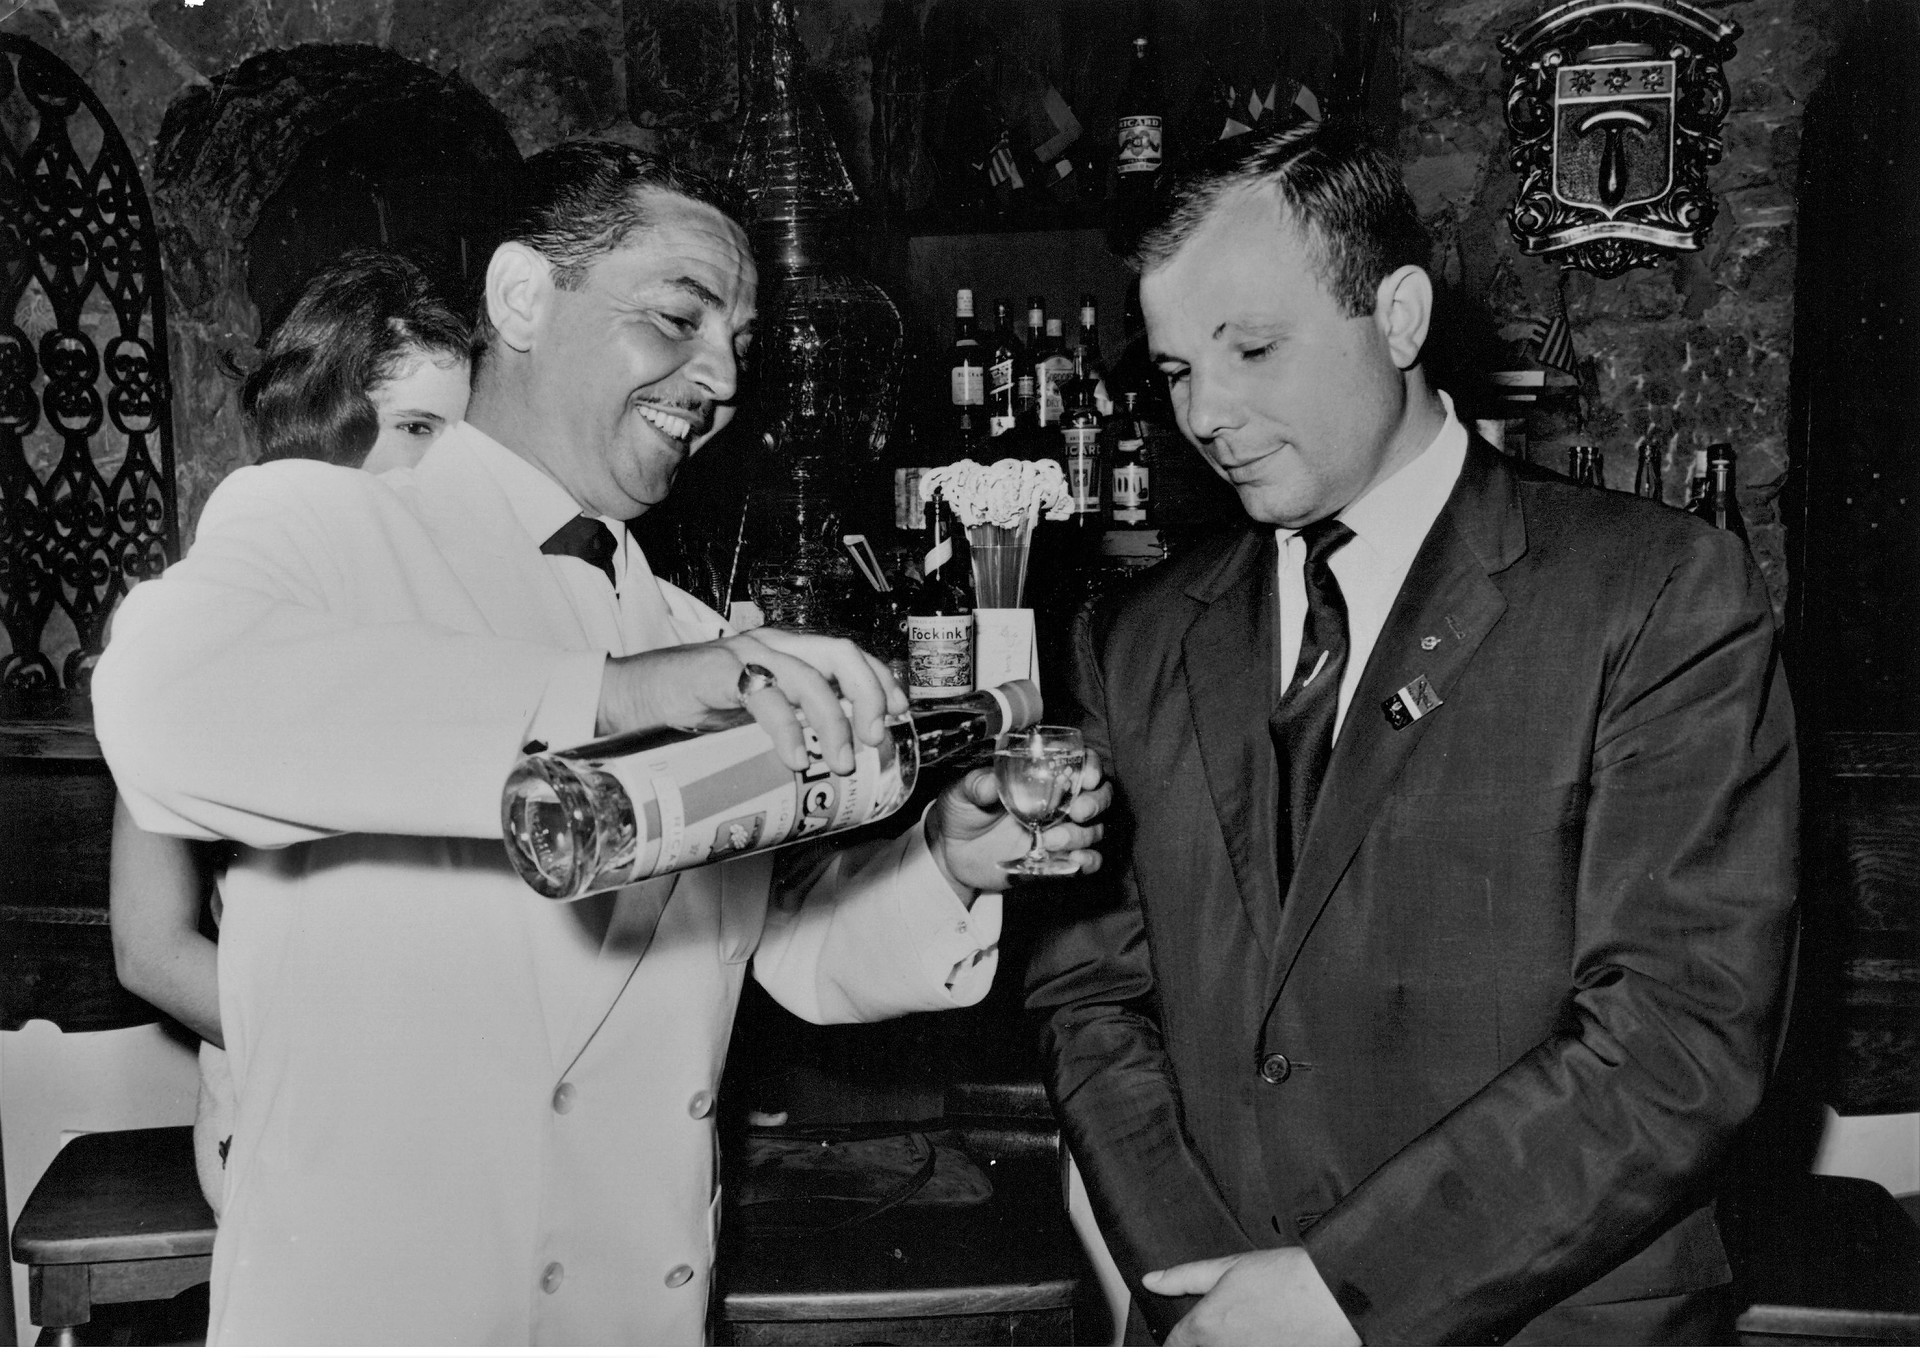 Gagarine prêt à déguster un pastis Ricard que le serveur est en train de lui verser dans un verre. La photo est prise  dans le bar de l'hôtel Delos de l'île de Bendor